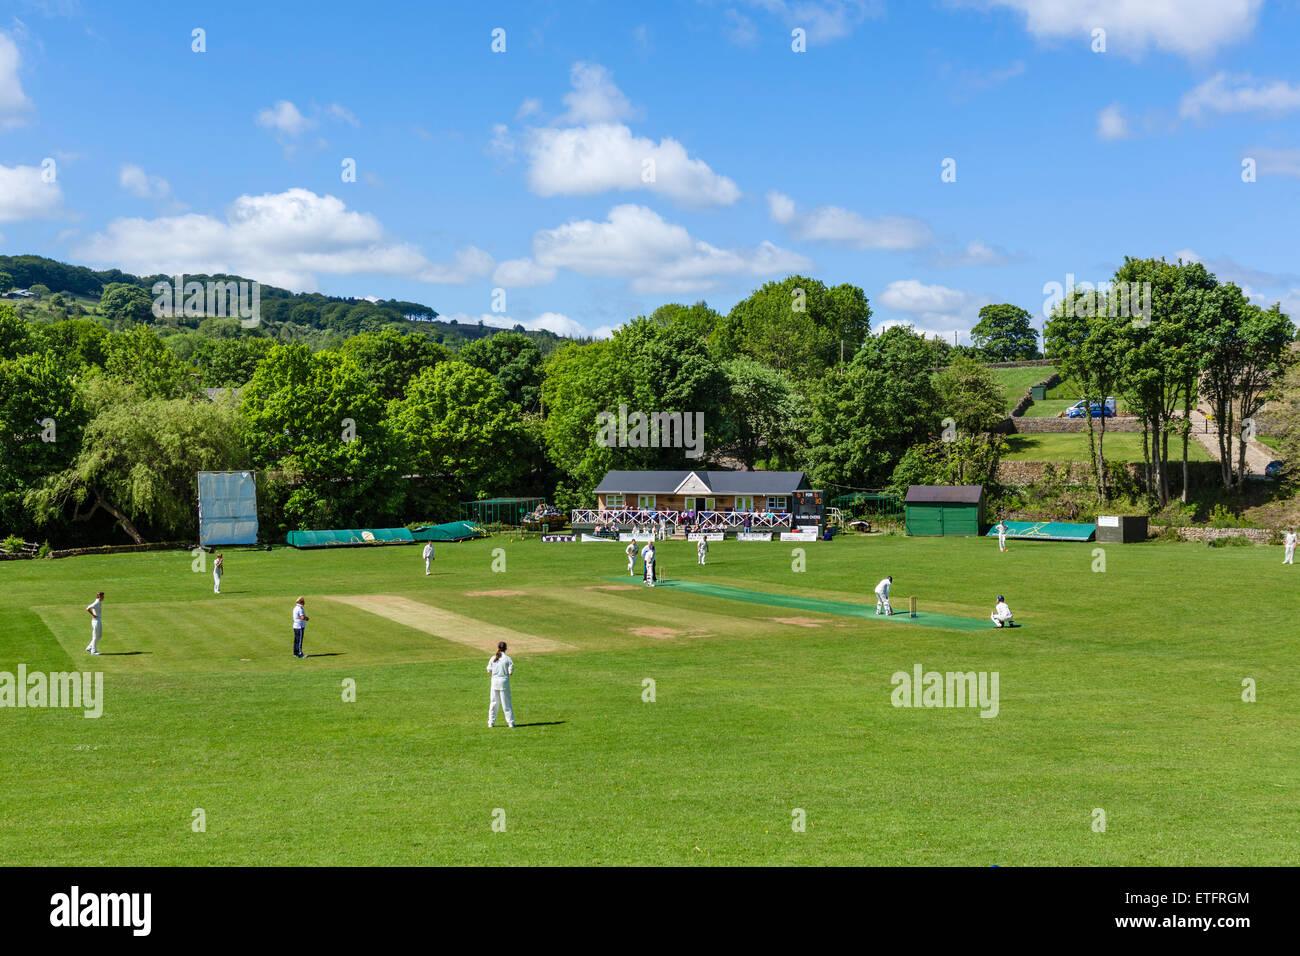 Domenica pomeriggio il cricket nel villaggio di bassa Bradfield, Distretto di Sheffield, South Yorkshire, Inghilterra, Immagini Stock